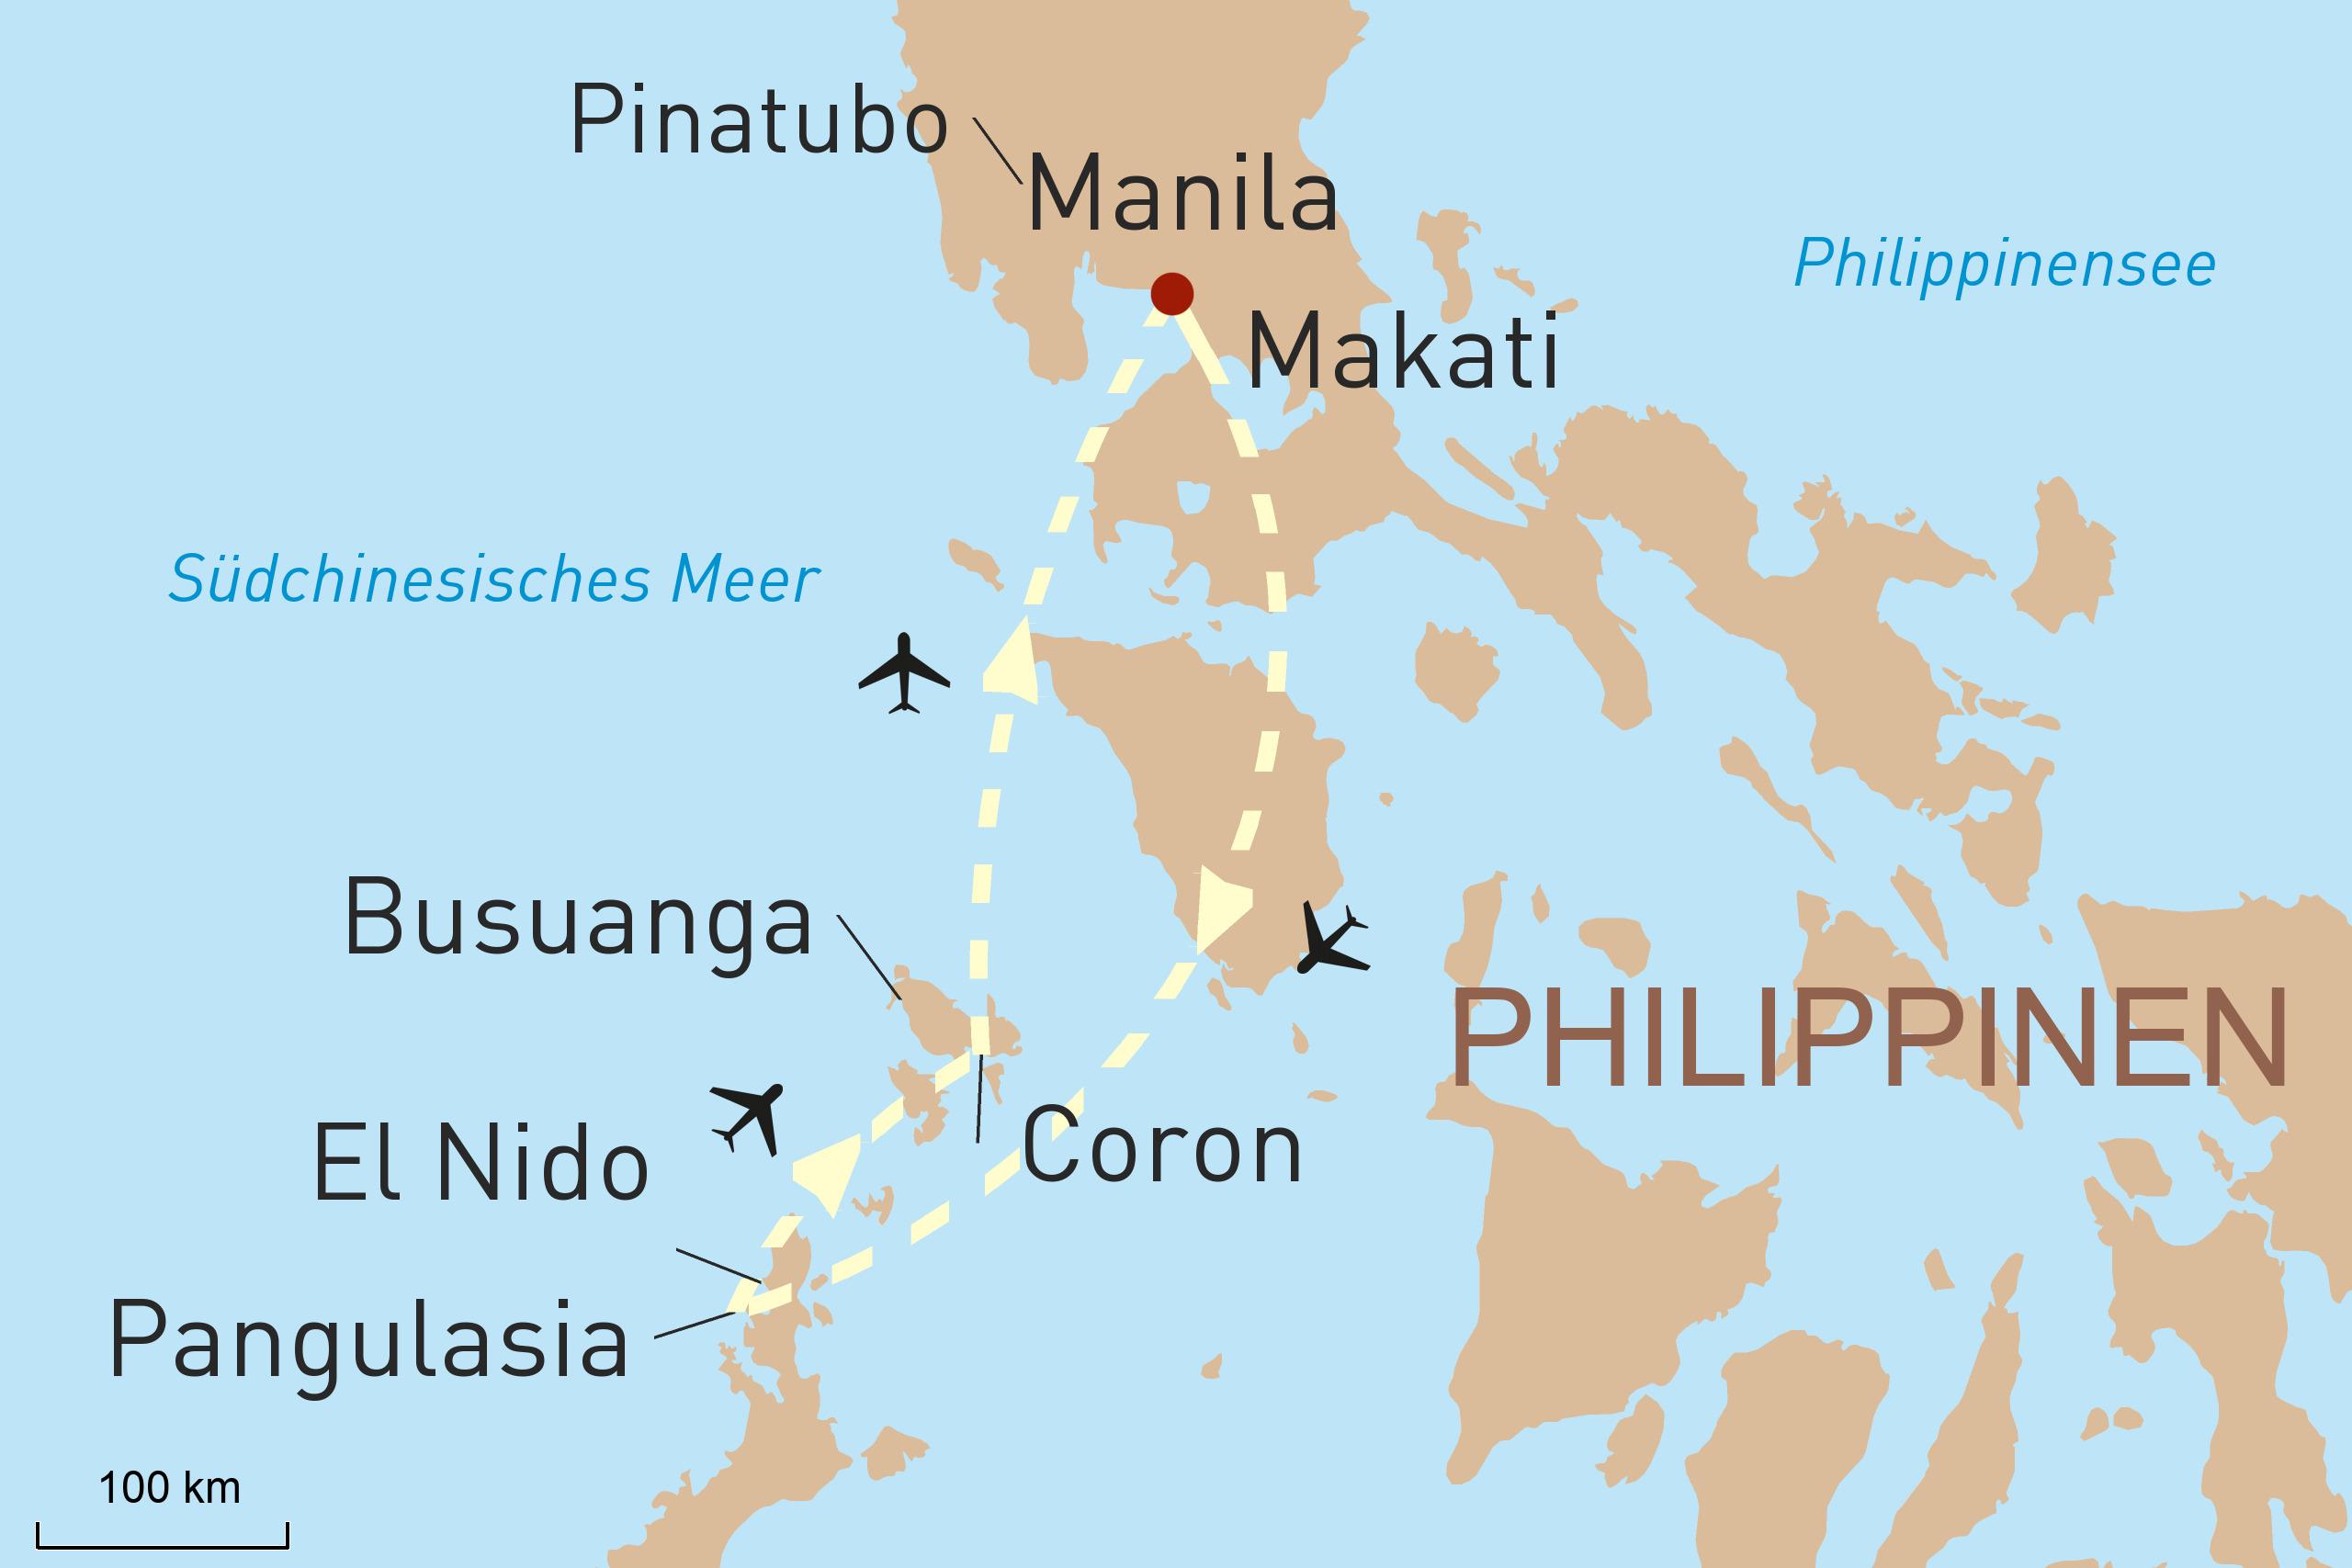 Die Inselwelt der Philippinen exklusiv erleben